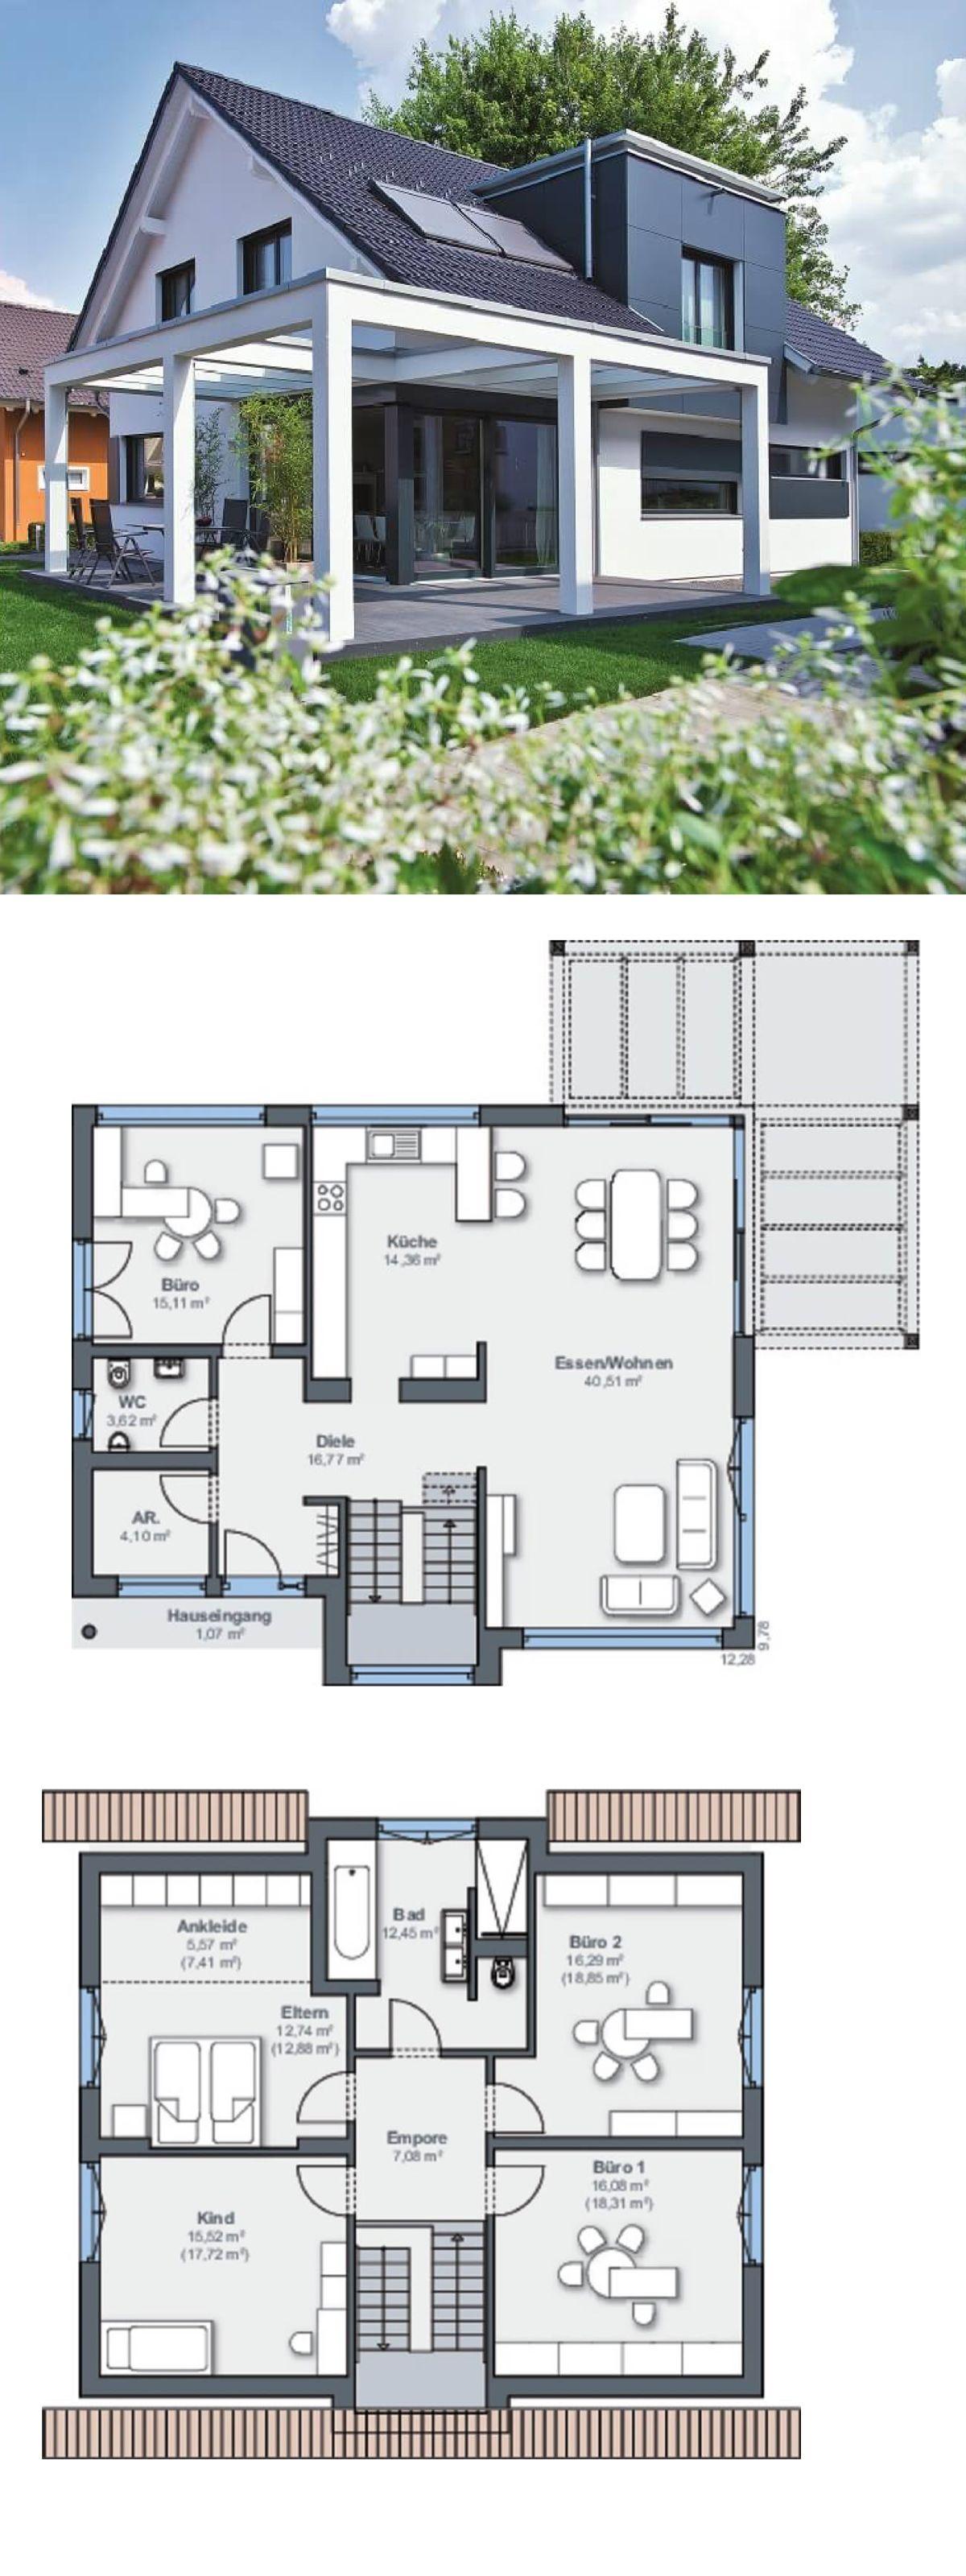 Einfamilienhaus neubau design modern mit satteldach for Hausbau modern satteldach